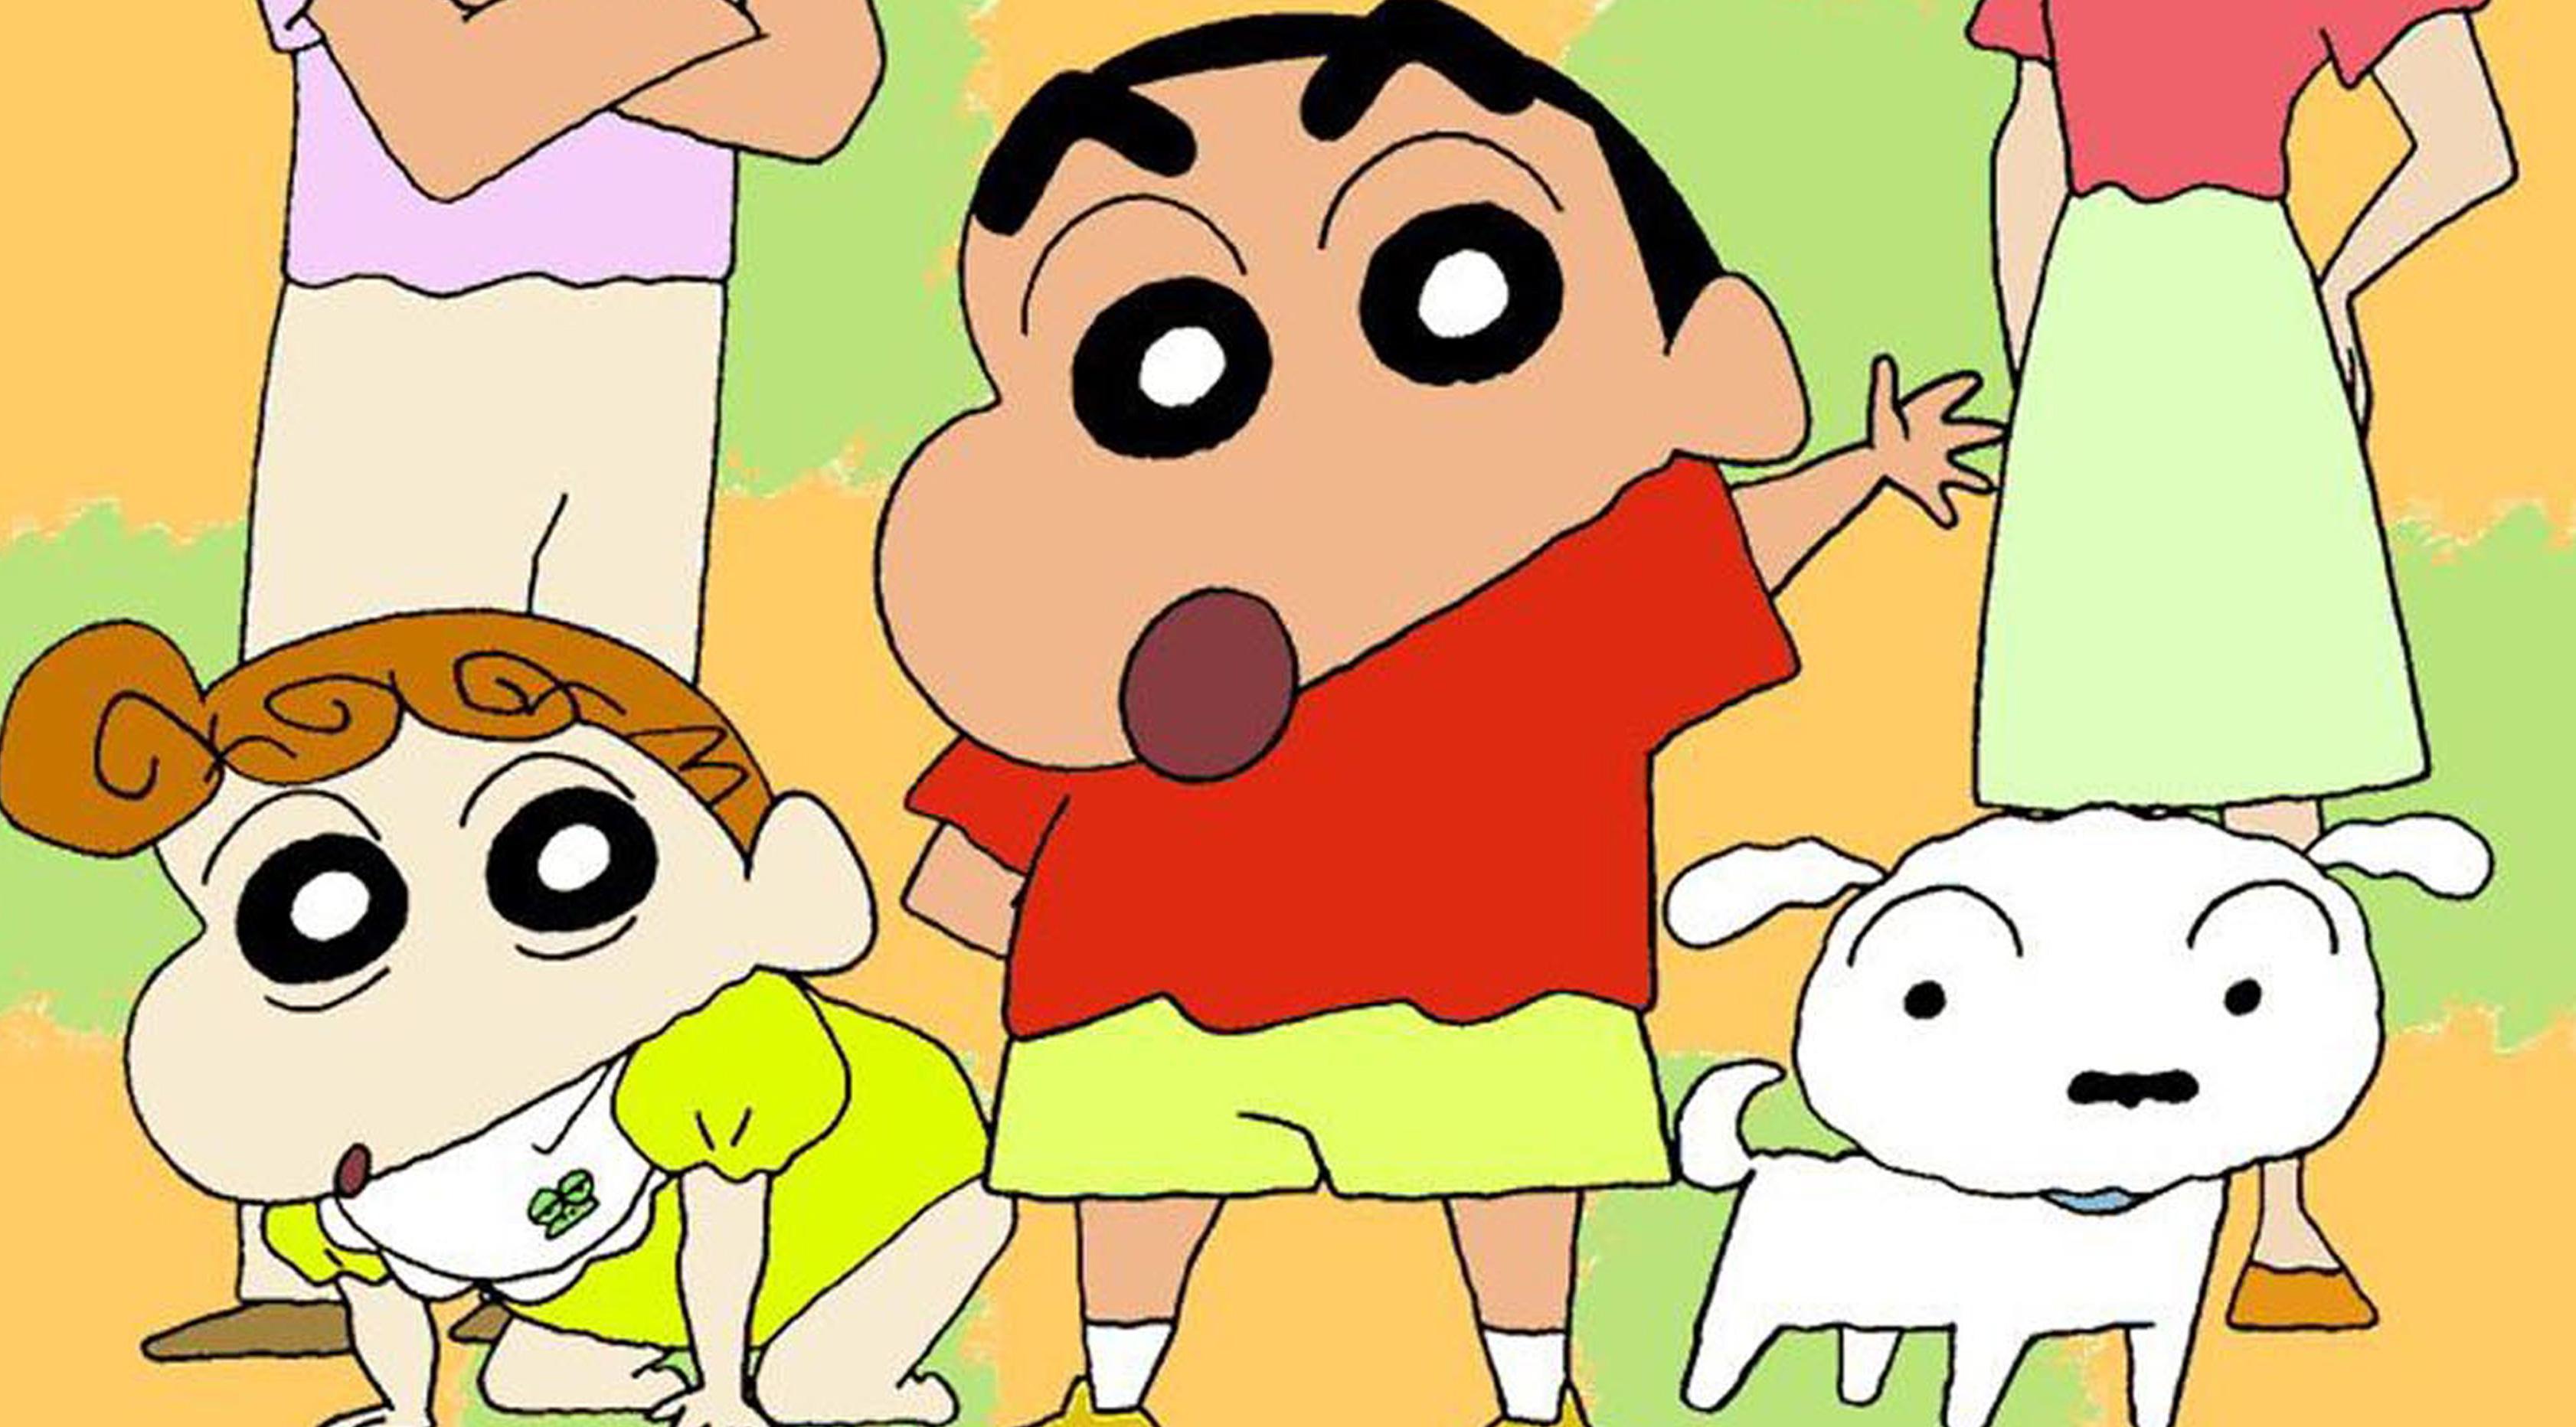 Beberapa adegan di cerita Shin-chan saat masih TK yang memperhatikan wanita berpakaian seksi dengan belahan dada terbuka. Hal itu dinilai tak pantas dijadikan tontonan oleh anak-anak. (wfiles.brothersoft.com)